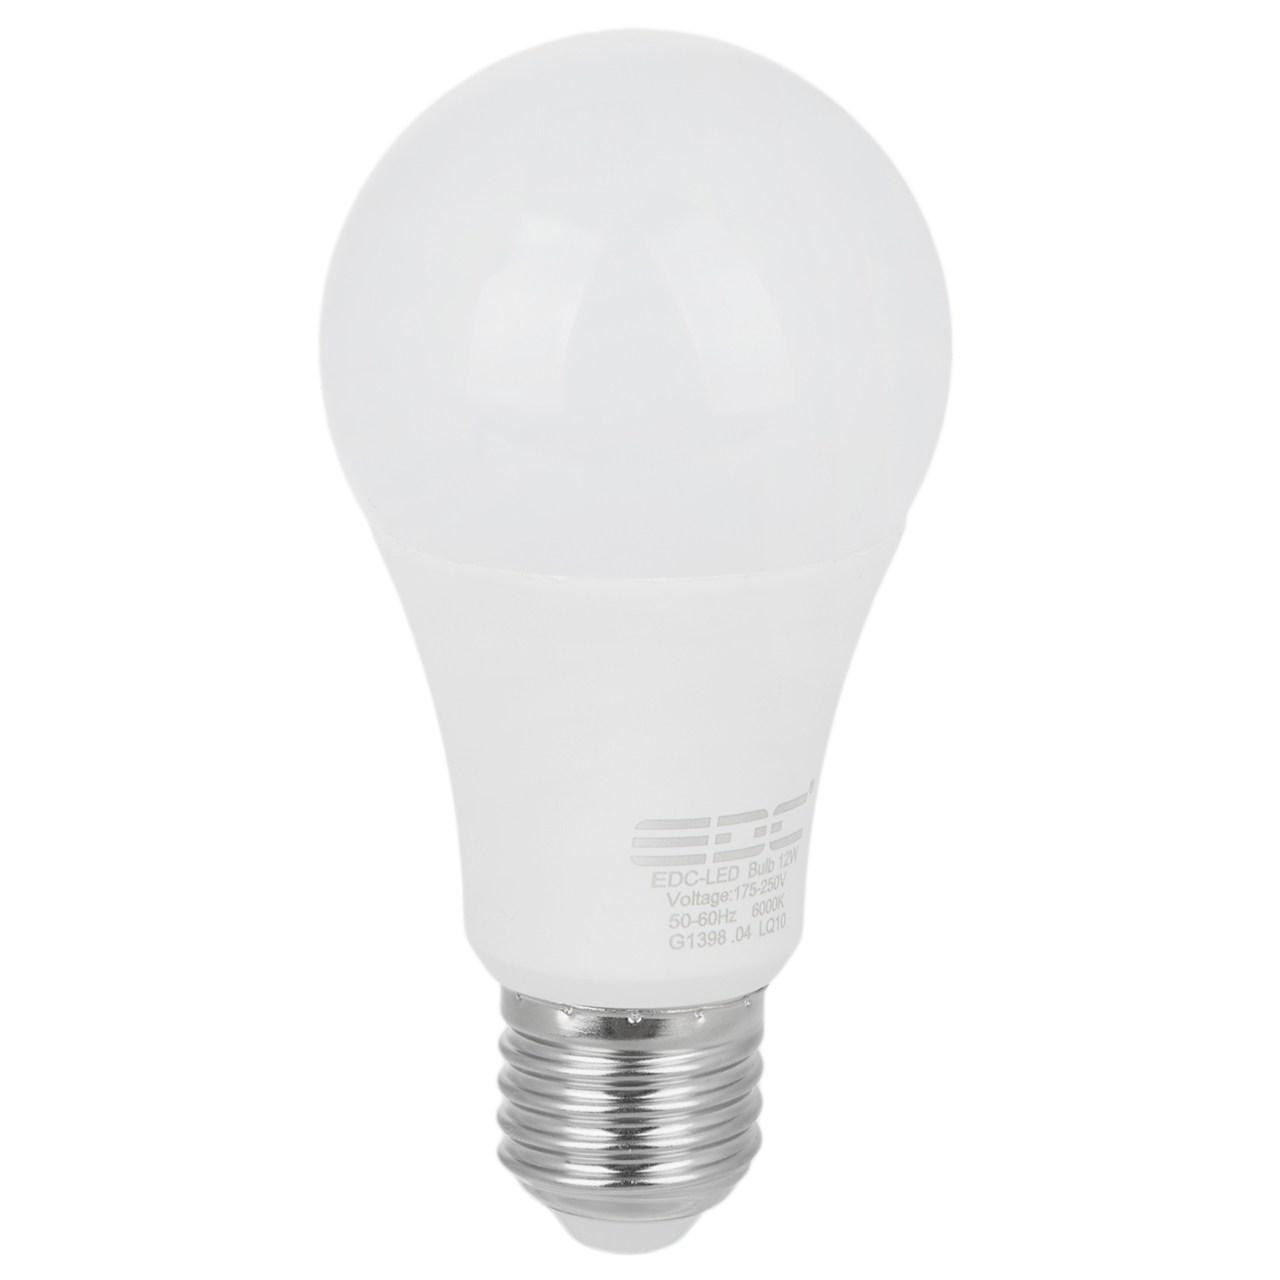 لامپ اس ام دی 12 وات ای دی سی پایه E27